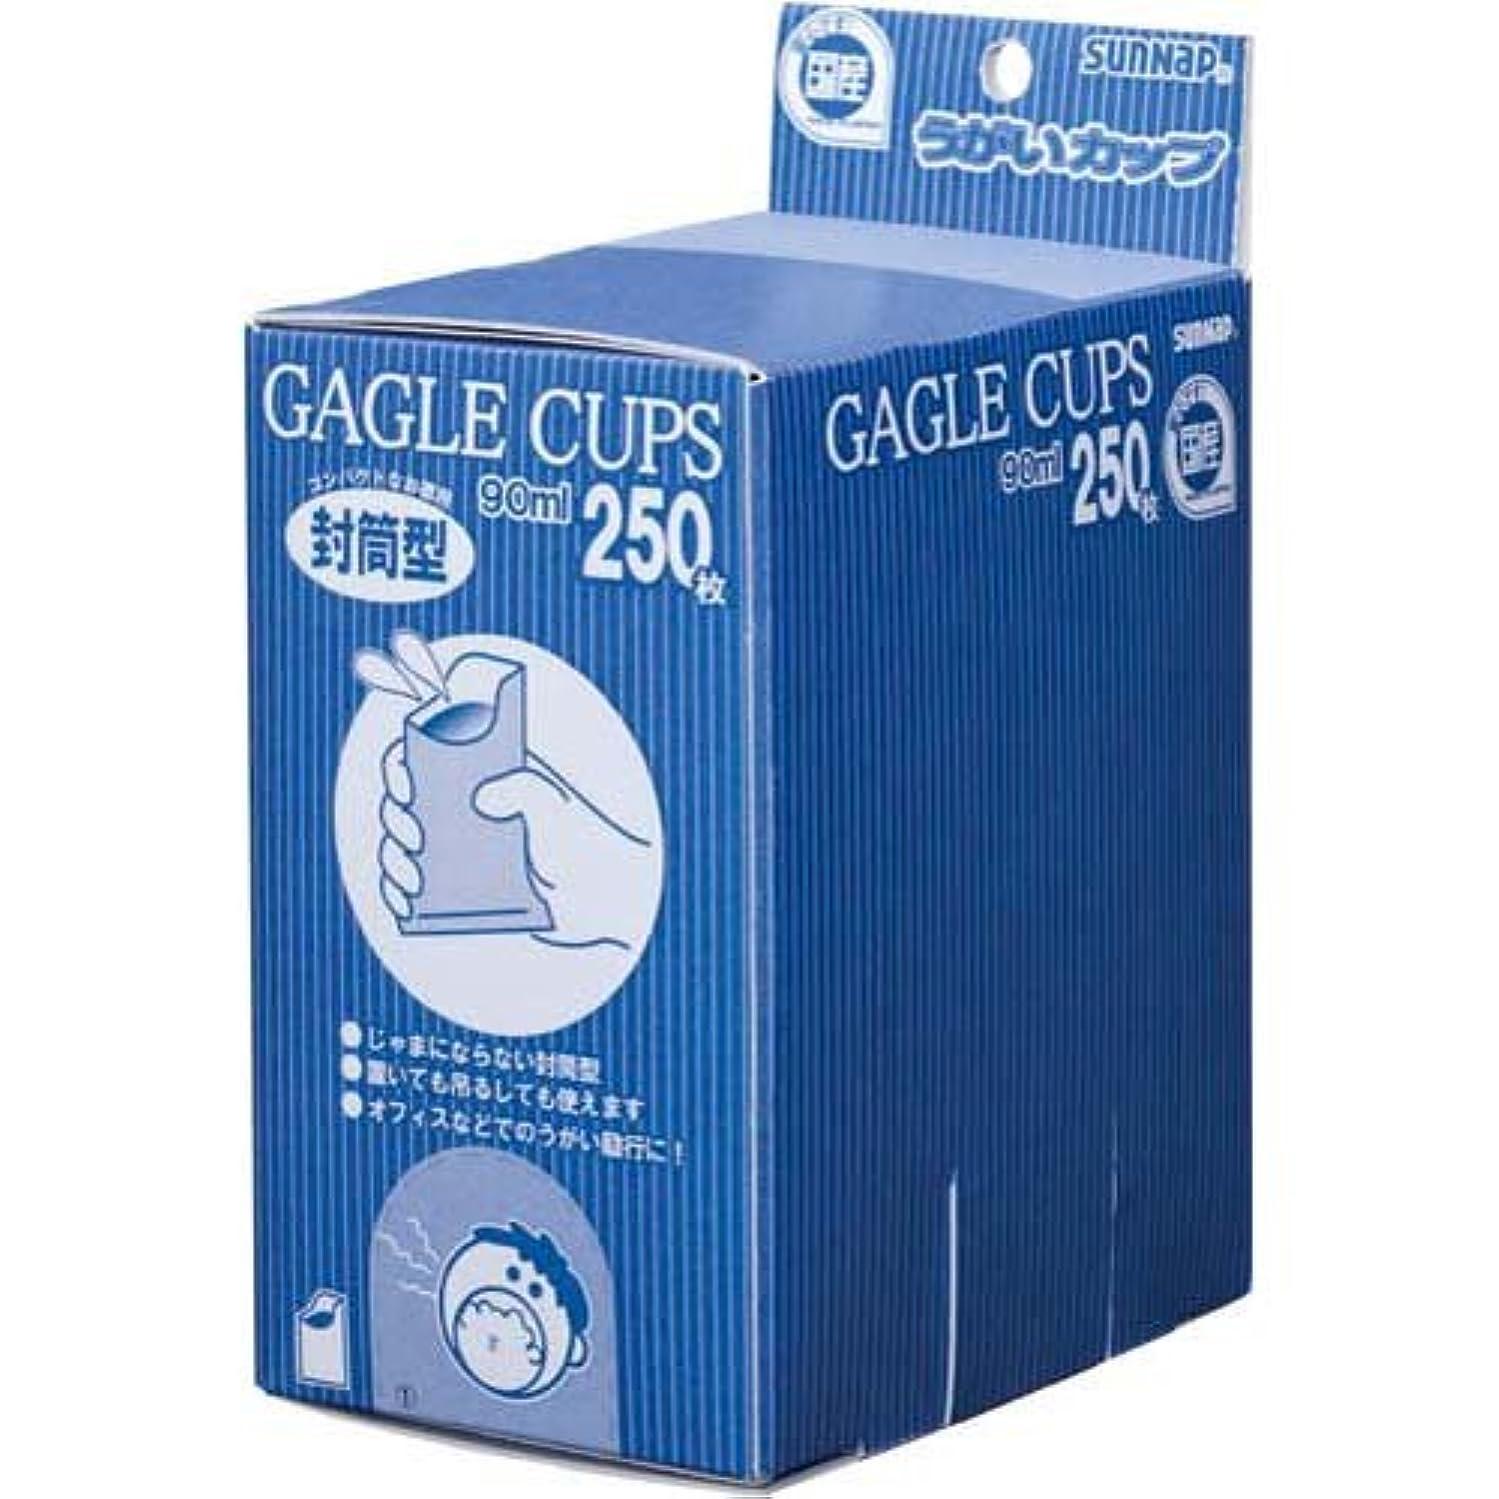 ナプキン蒸留いたずらサンナップ 封筒型うがいカップ250枚×5箱